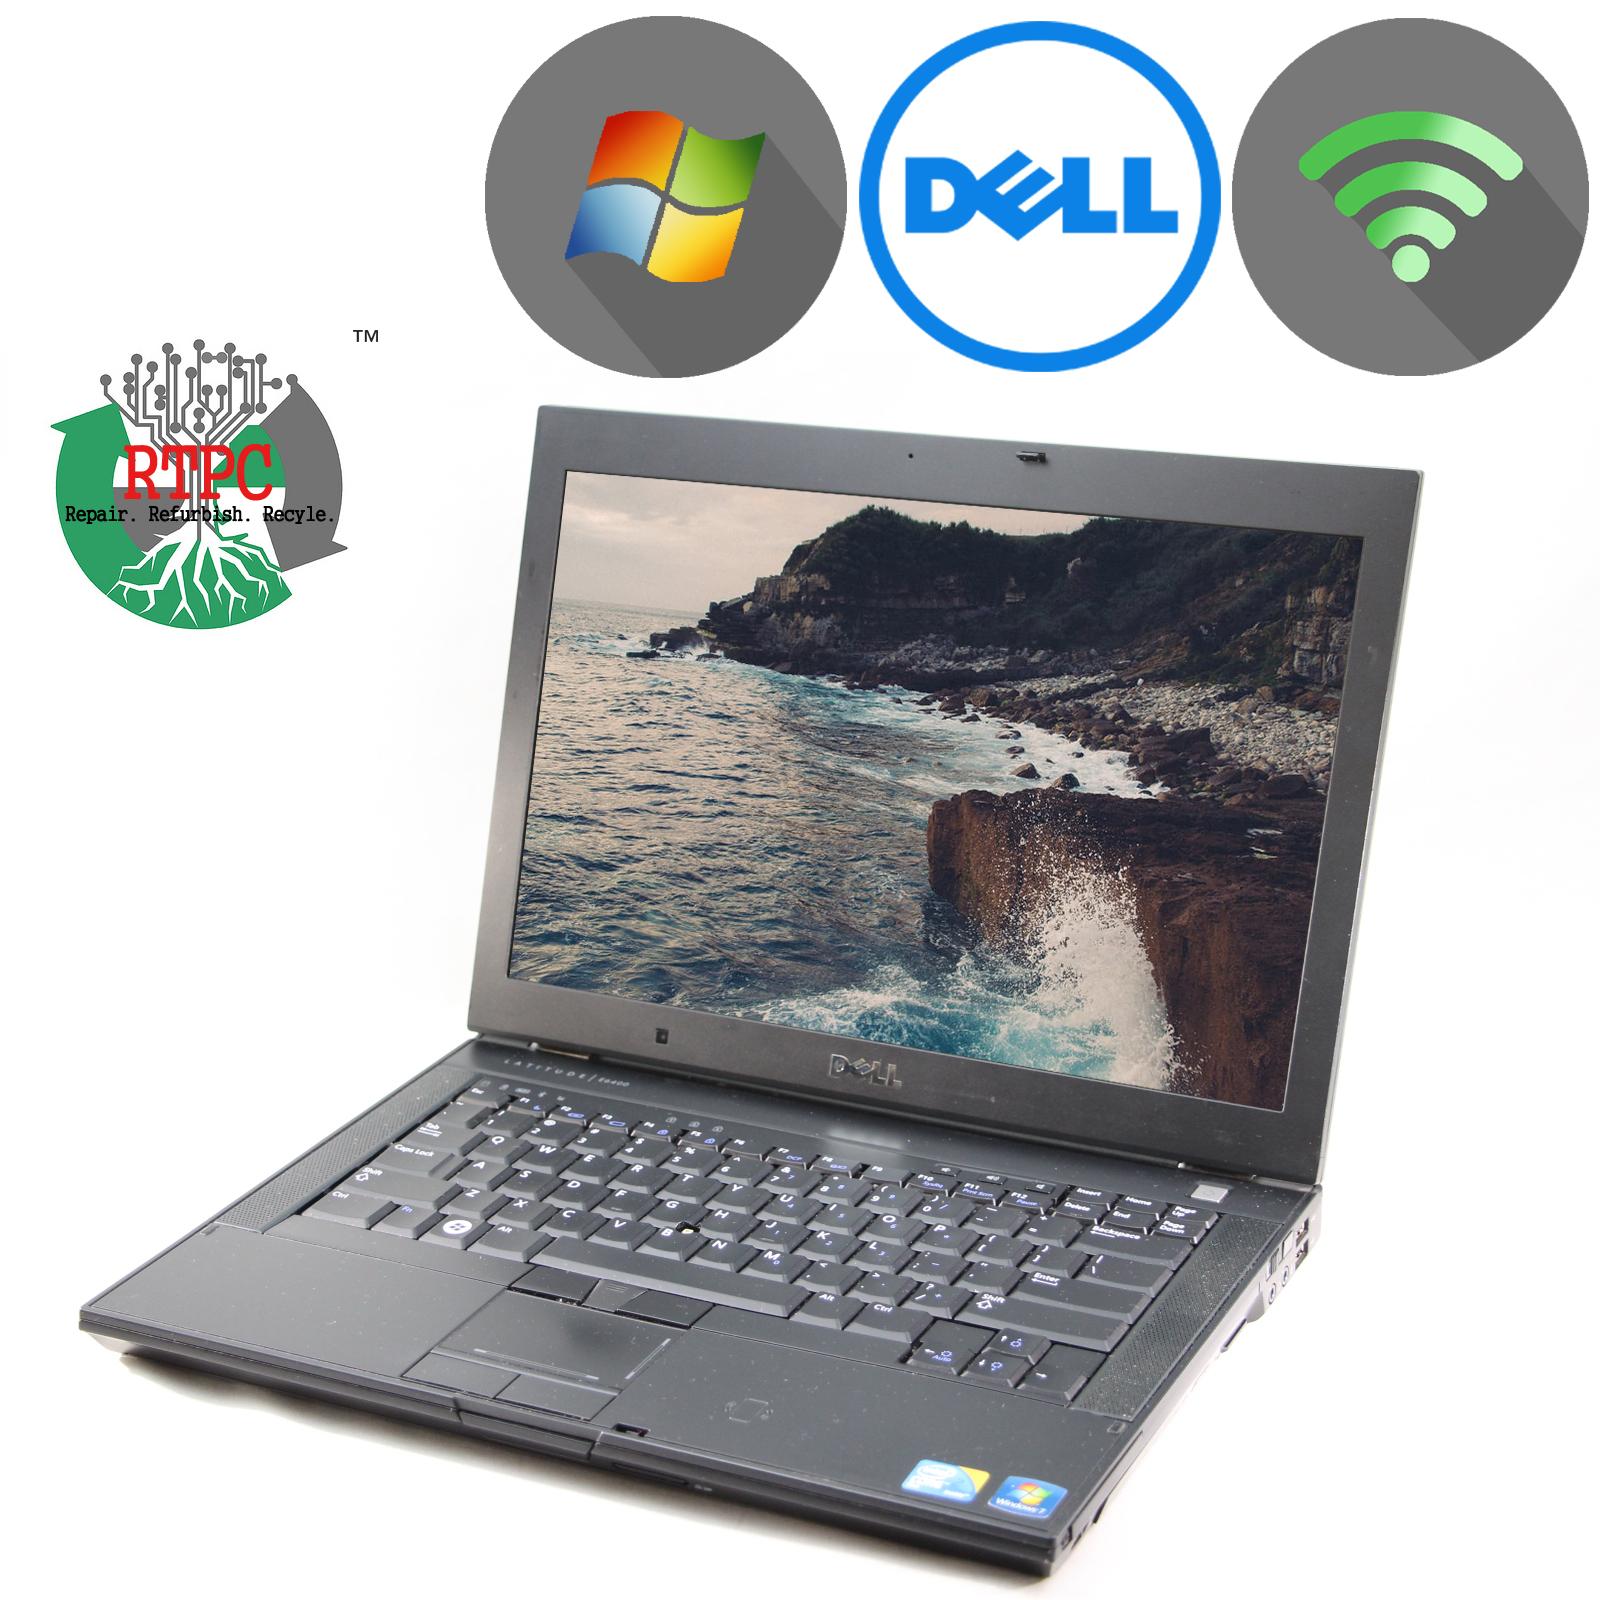 Dell Latitude E6410 Laptop Intel Core i5-2.4 4GB NEW 250Gb DVD WIFI windows 10 p